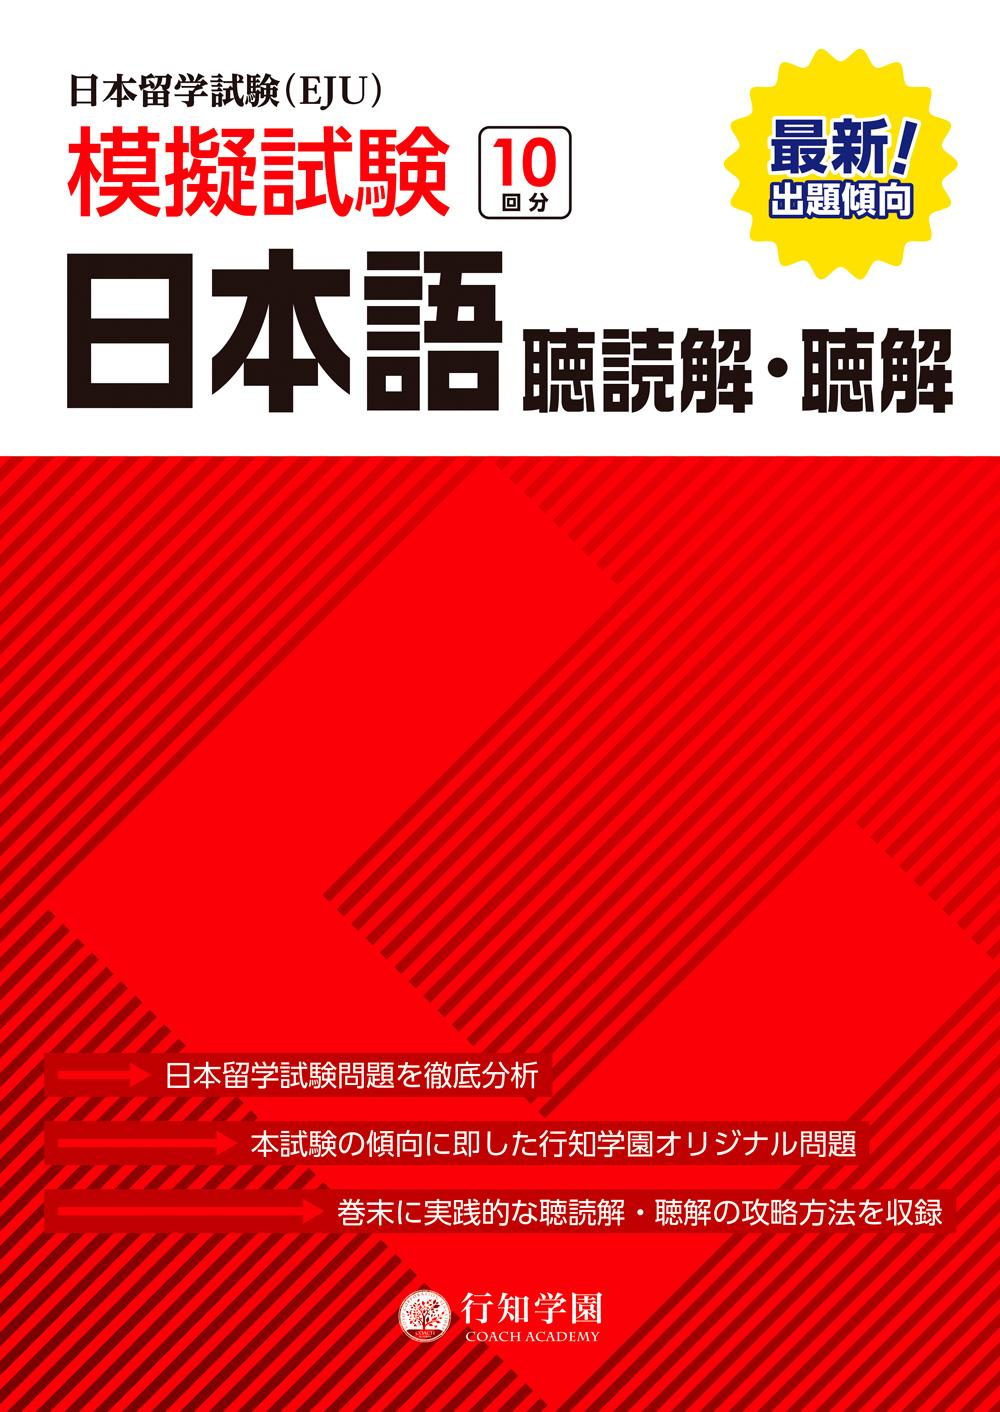 行知学園 日本留学試験(EJU)模擬試験 日本語 聴読解・聴解画像